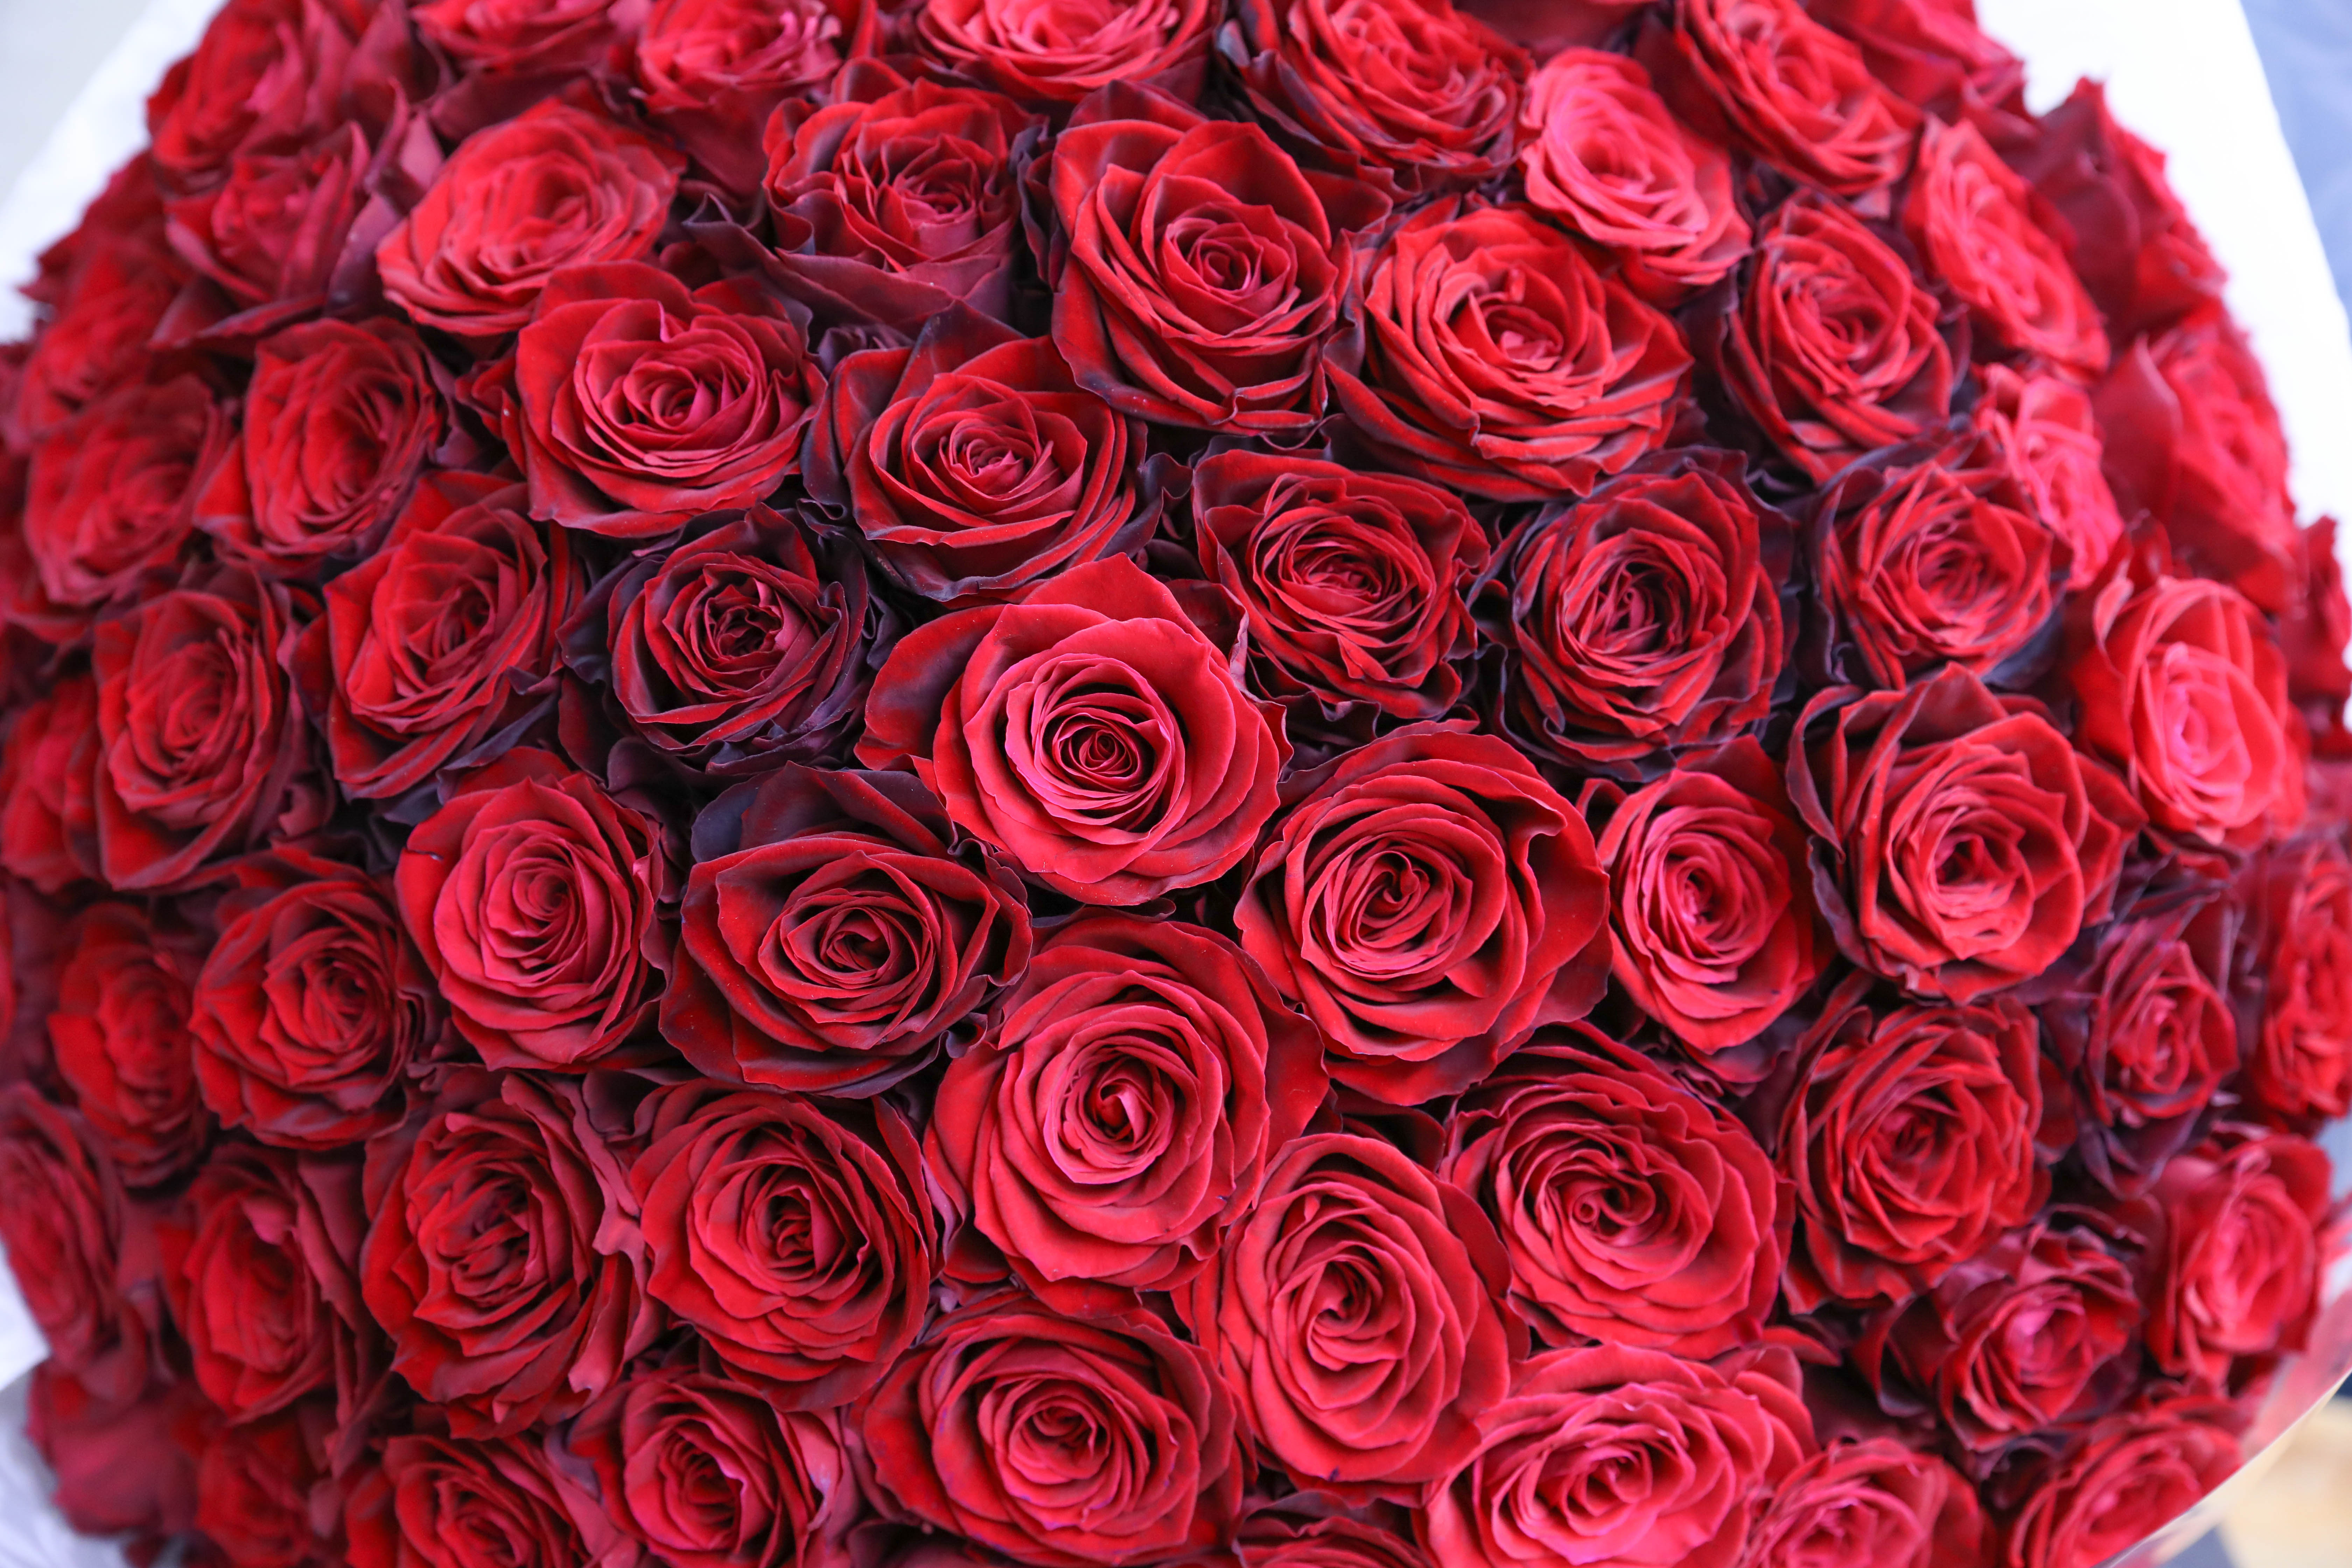 【プロポーズに贈るバラ100本の花束】 制作動画 2020.03.14撮影